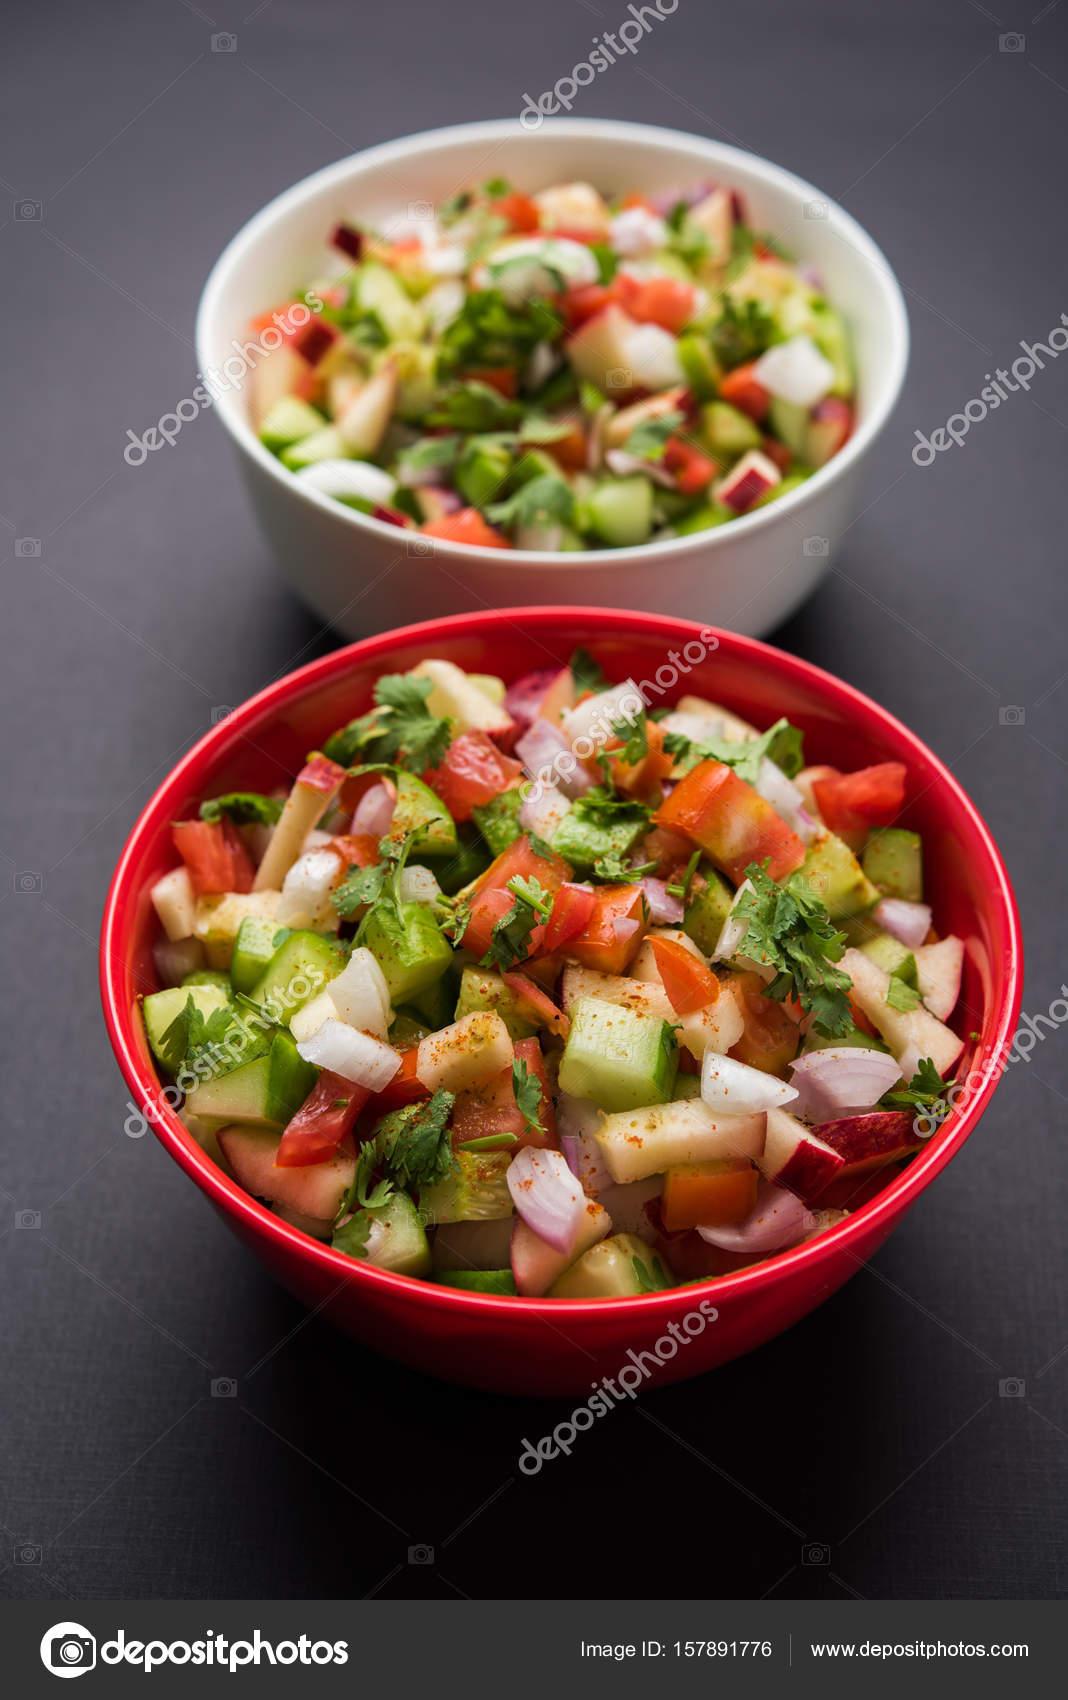 Indien vert salade galement connu sous le nom de kachumber est un plat de salade color e dans - Plats indiens les plus connus ...